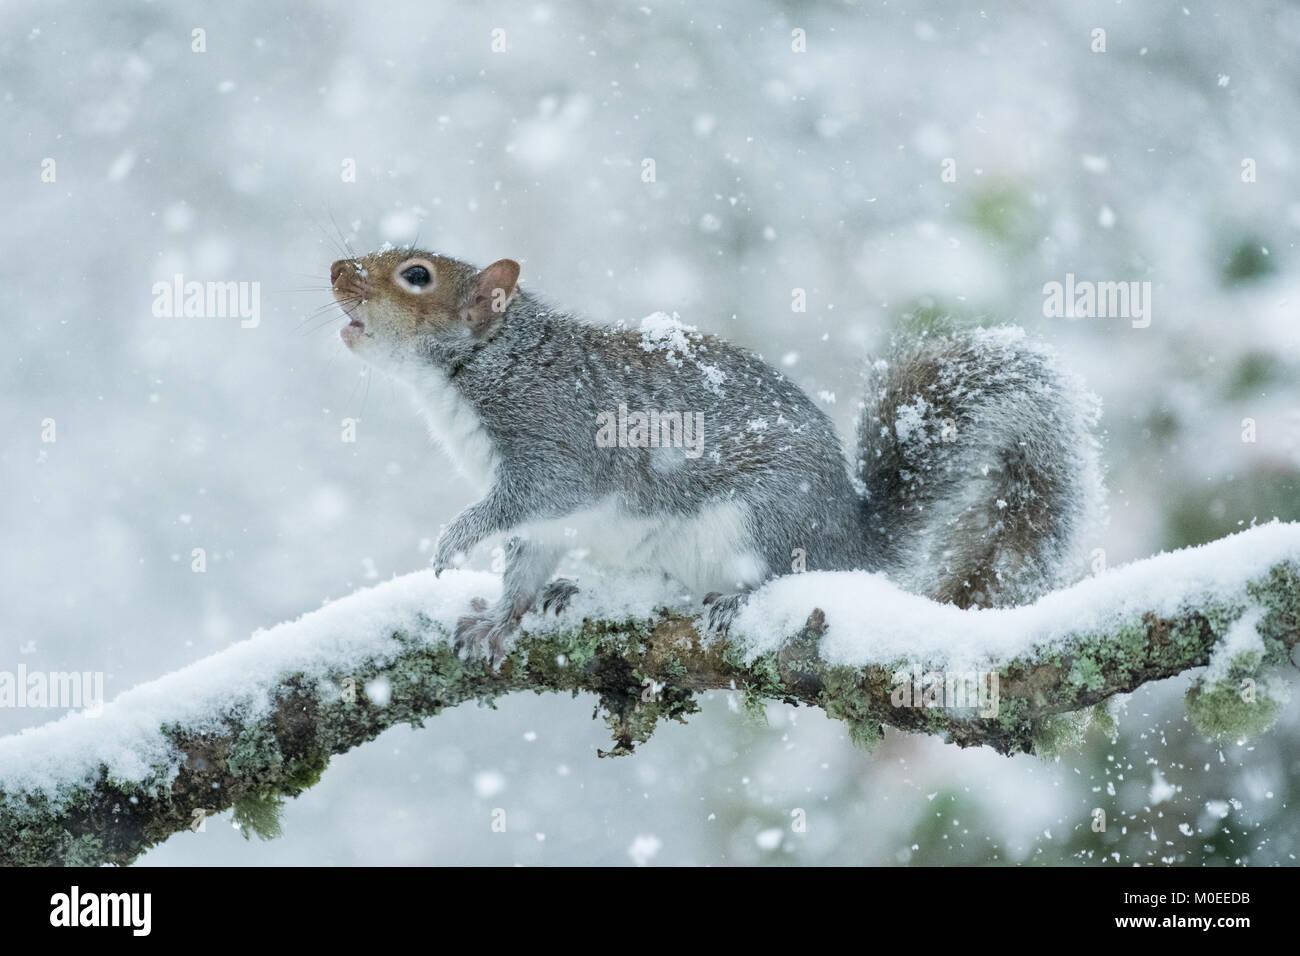 Killearn, Stirlingshire, Scotland, UK - 21 janvier 2018: Royaume-Uni - un écureuil gris à la recherche de nourriture Banque D'Images